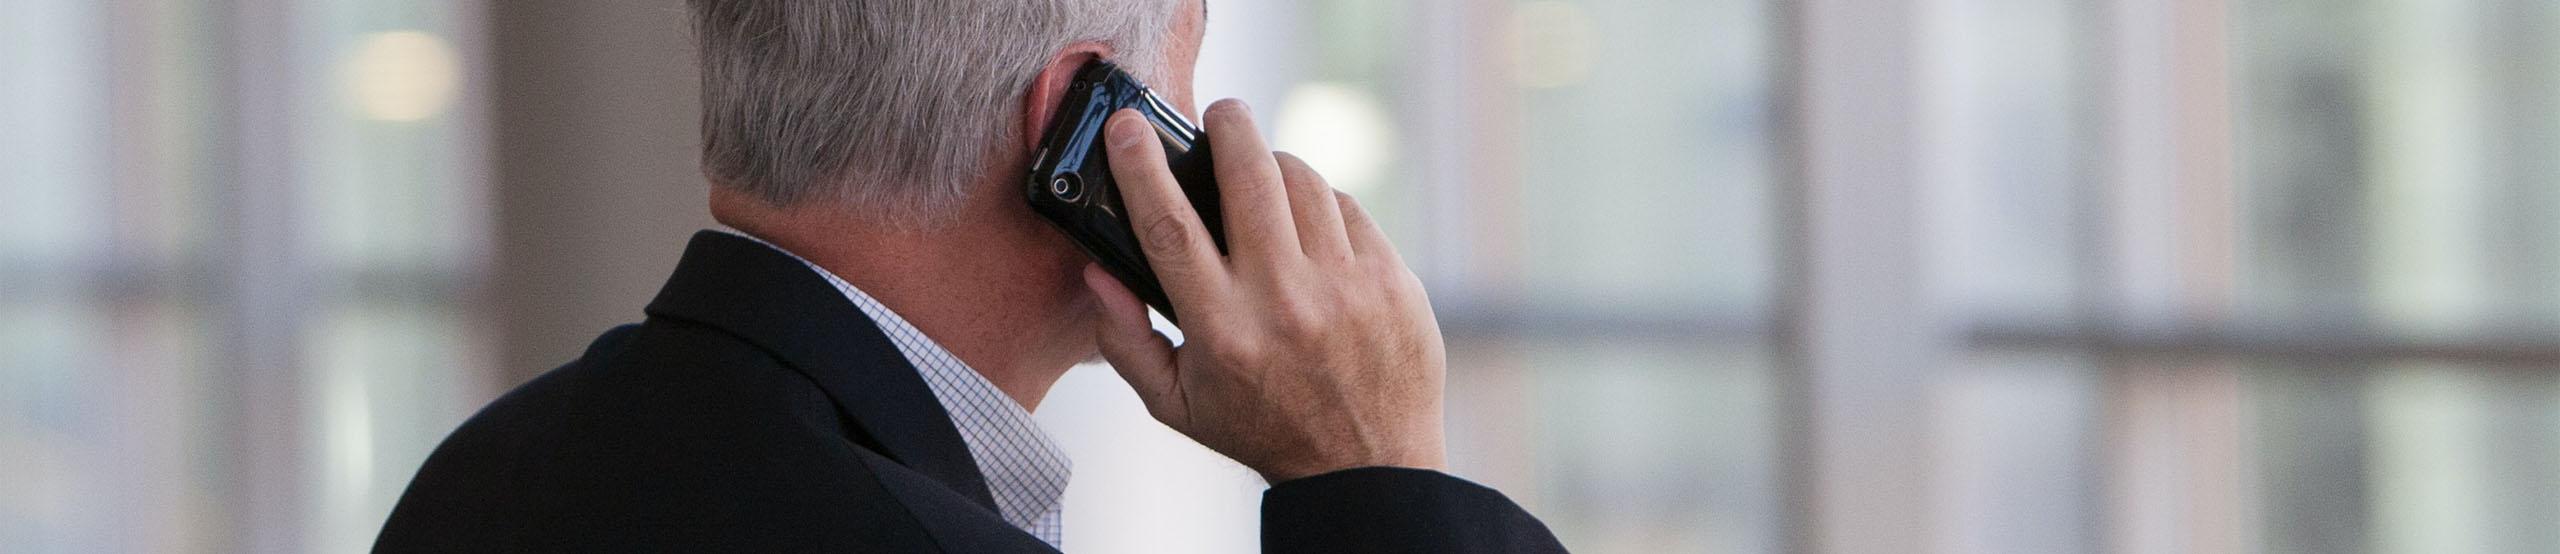 Man on Phone | Naples Global Advisors, SEC Registered Investment Advisor